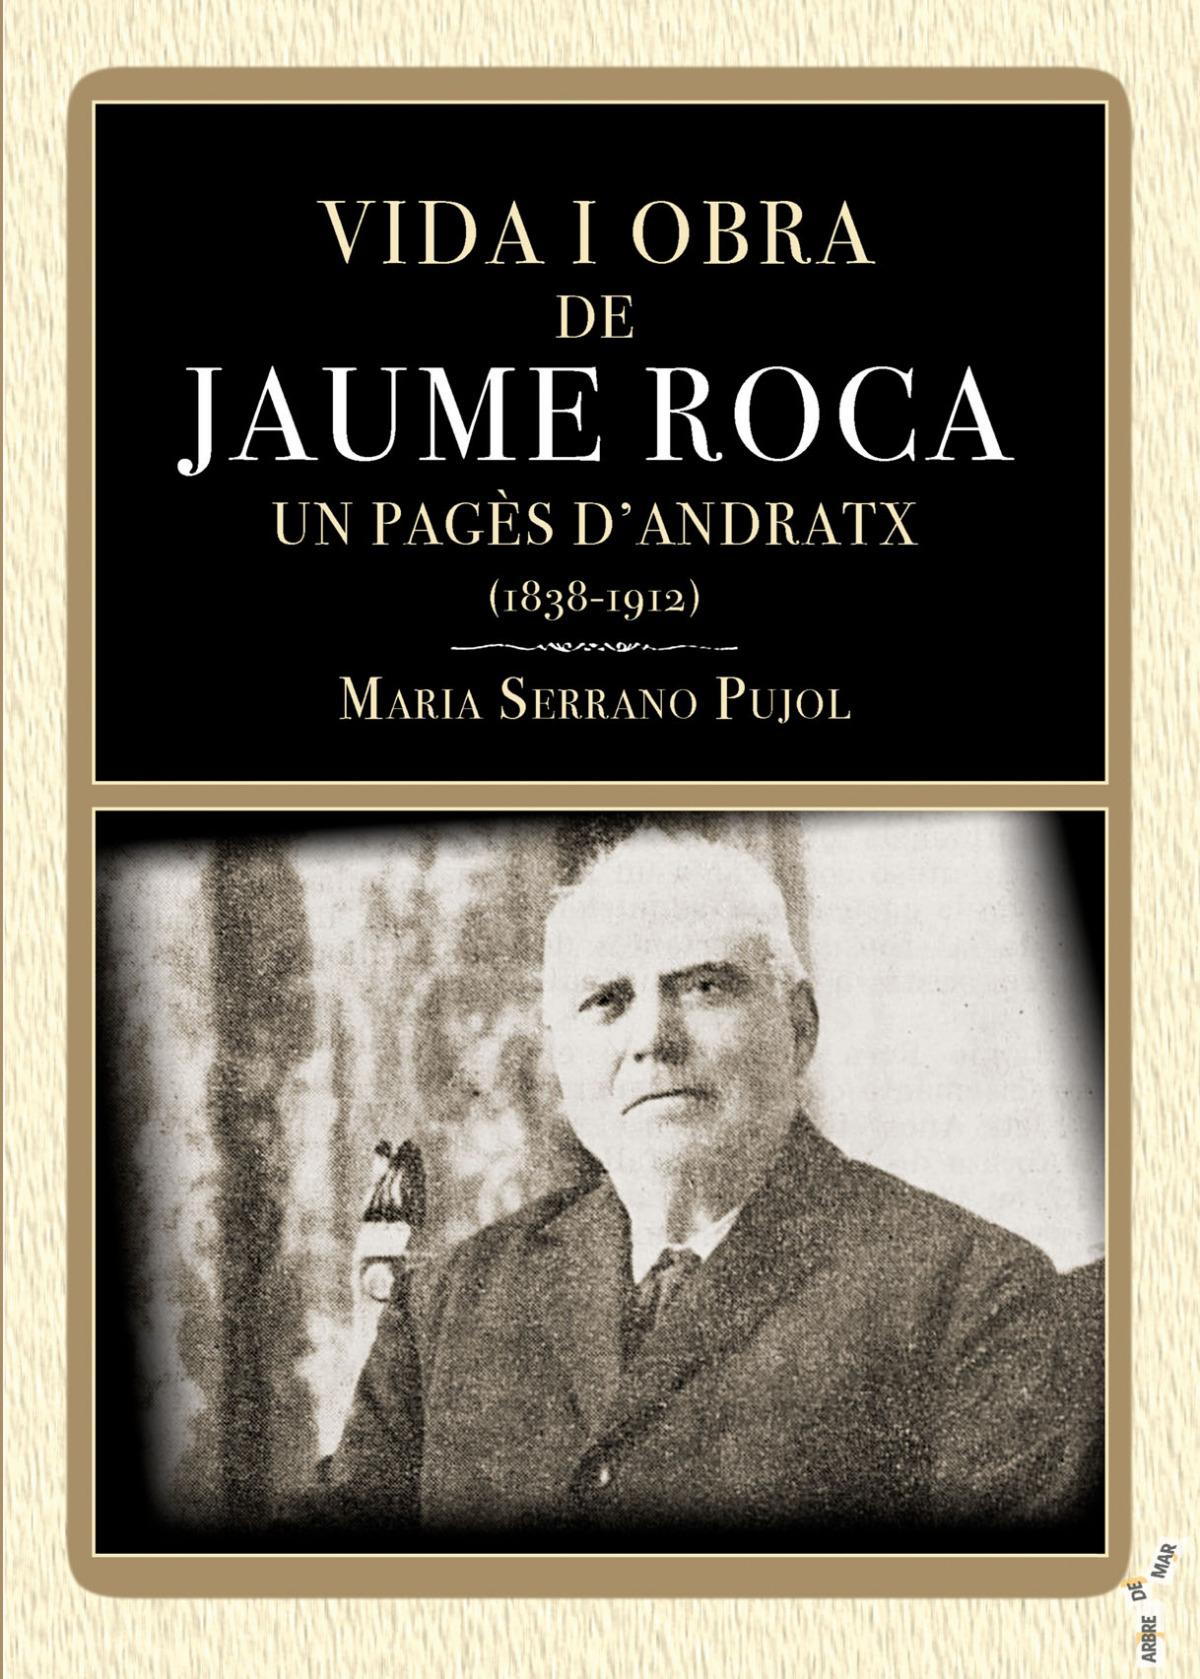 Vida i obra de Jaume Roca